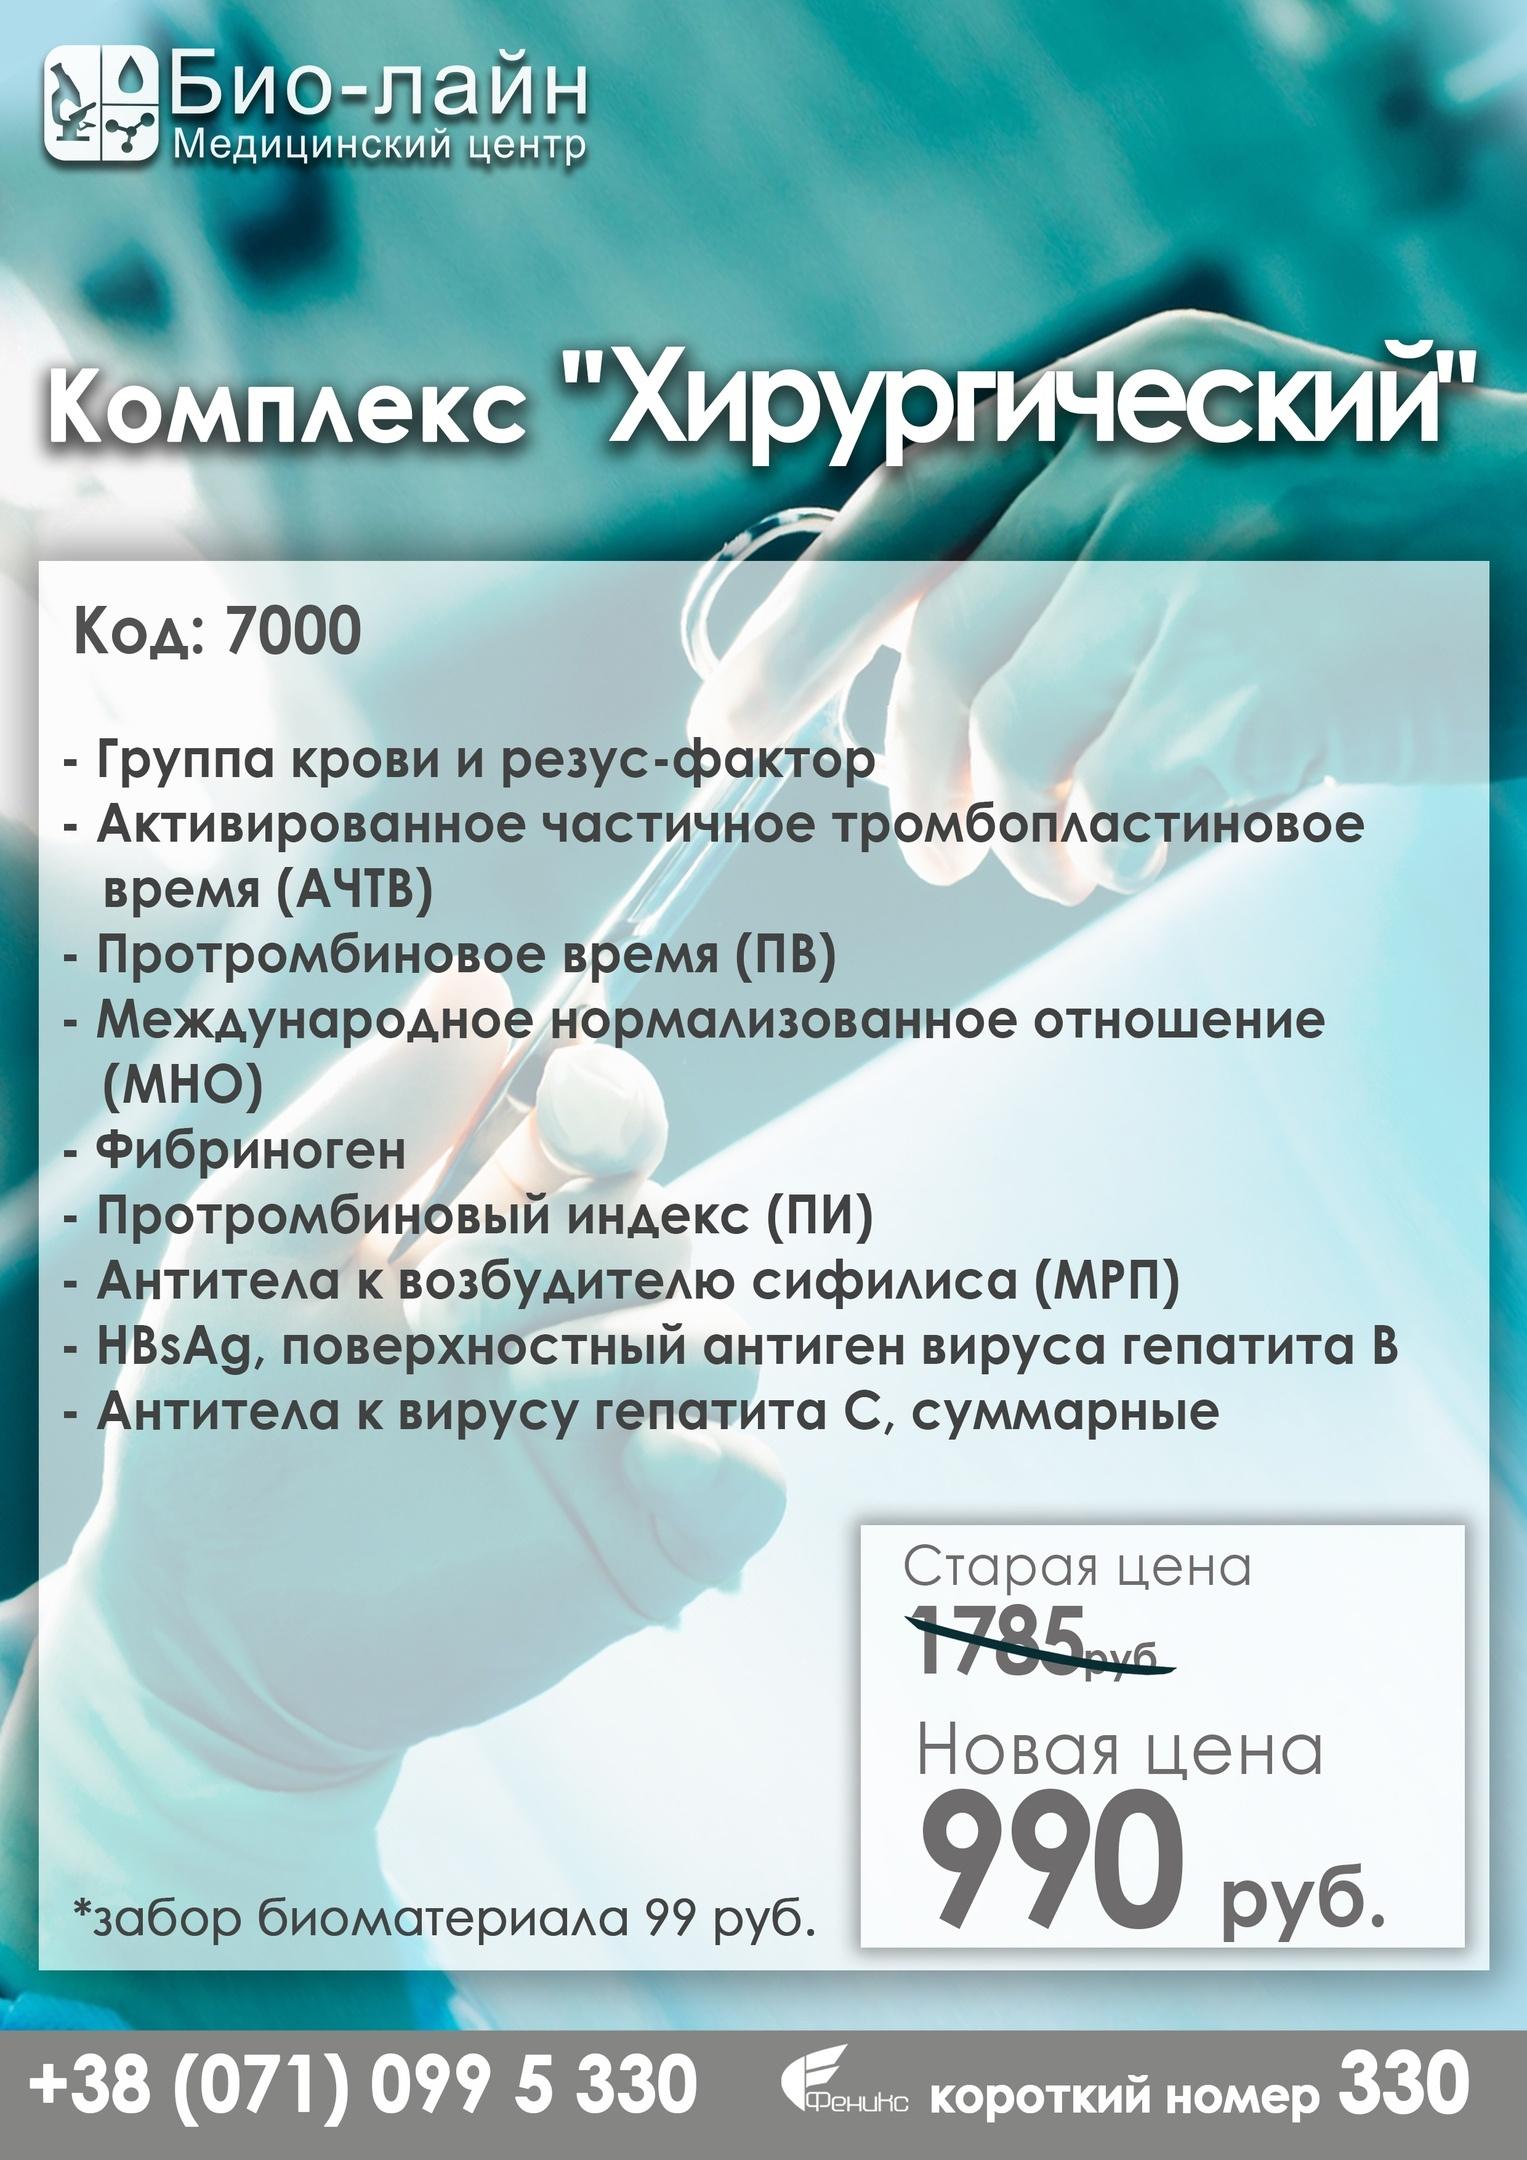 Медицинский центр Био-Лайн 19 jshb8m7oqr4